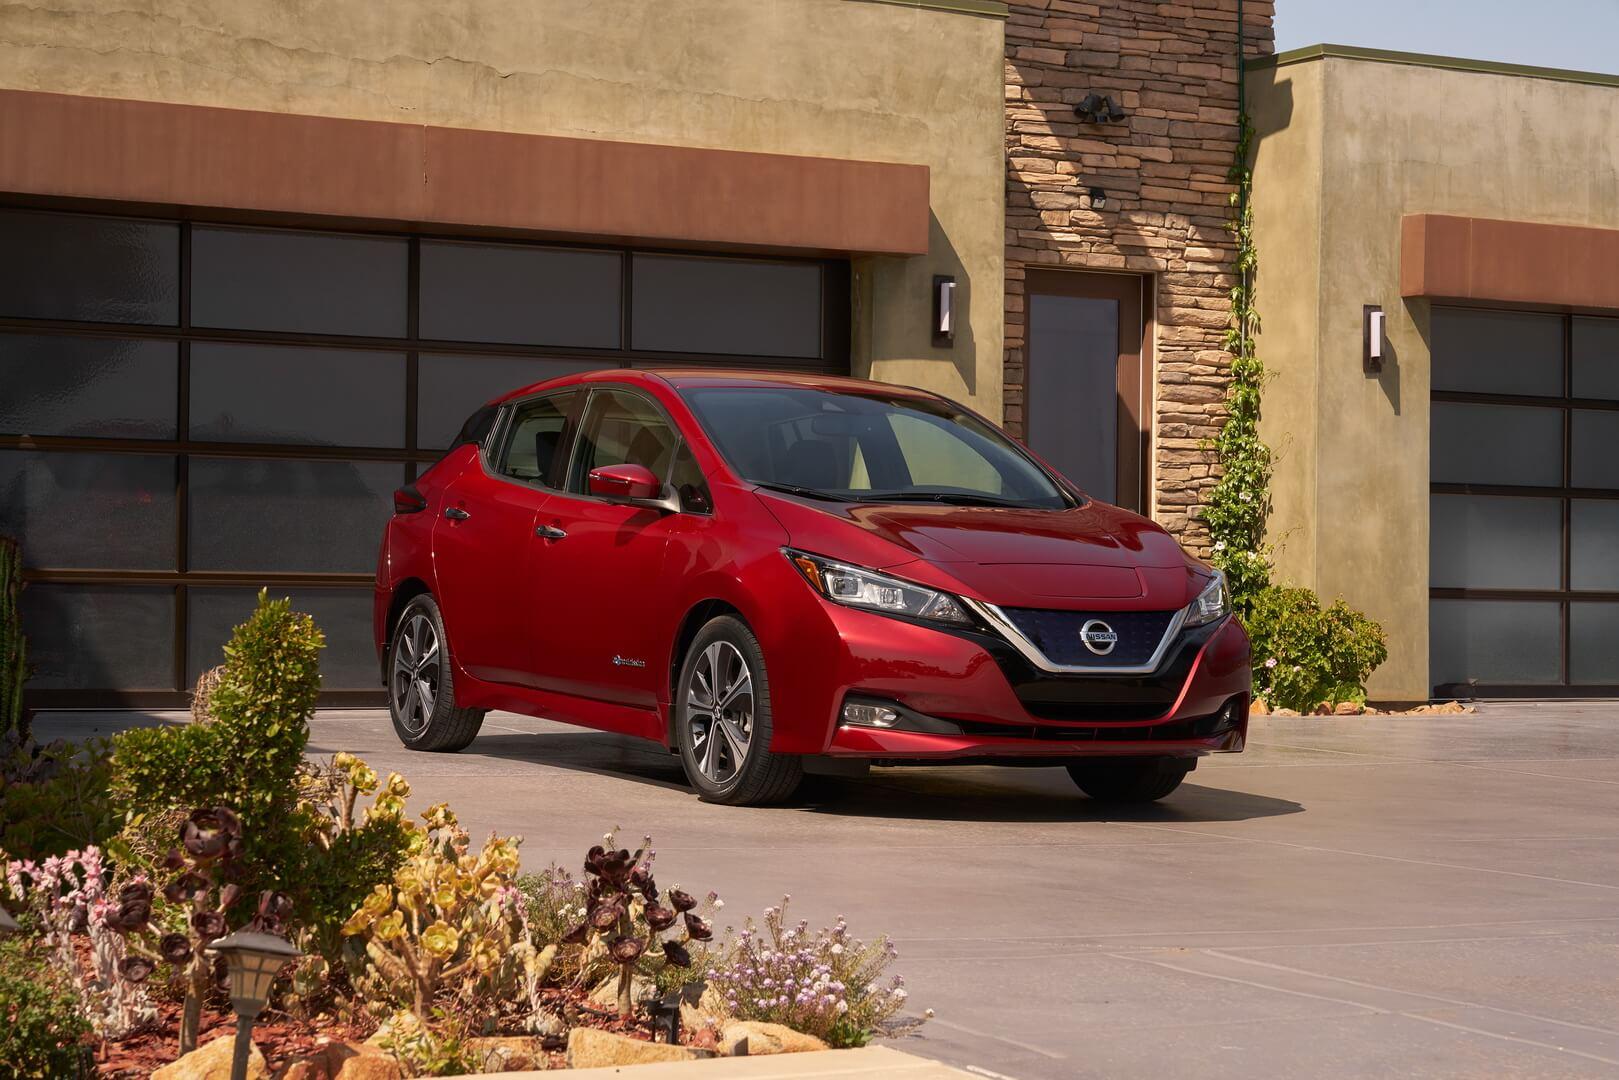 Nissan Leaf второго поколения с батареей 40 кВт•ч